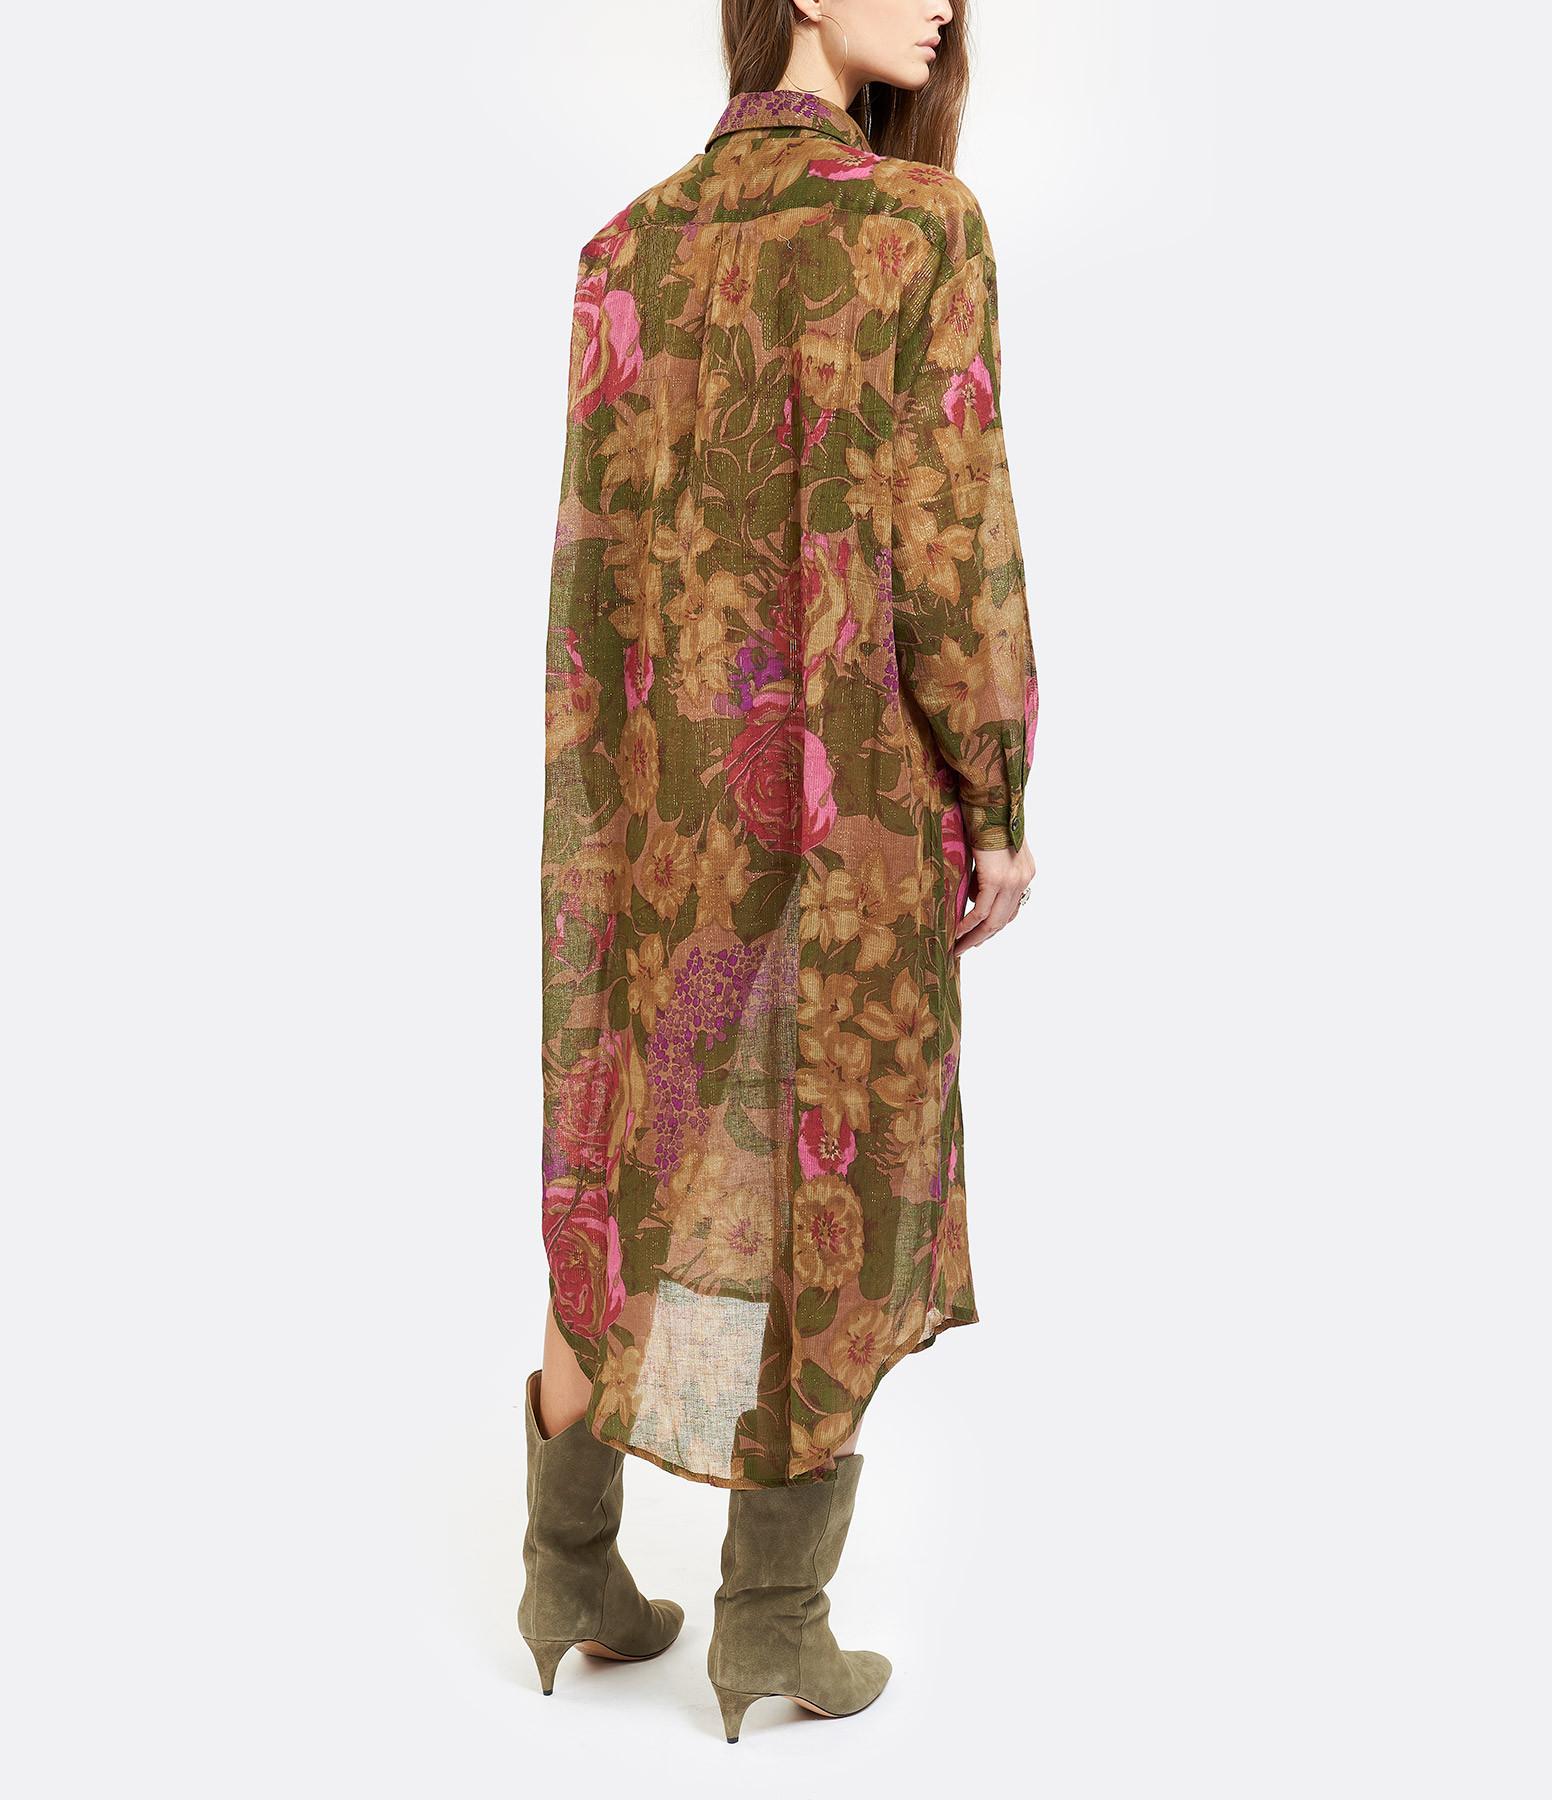 MES DEMOISELLES - Robe Chemise Amaranto Imprimé Floral